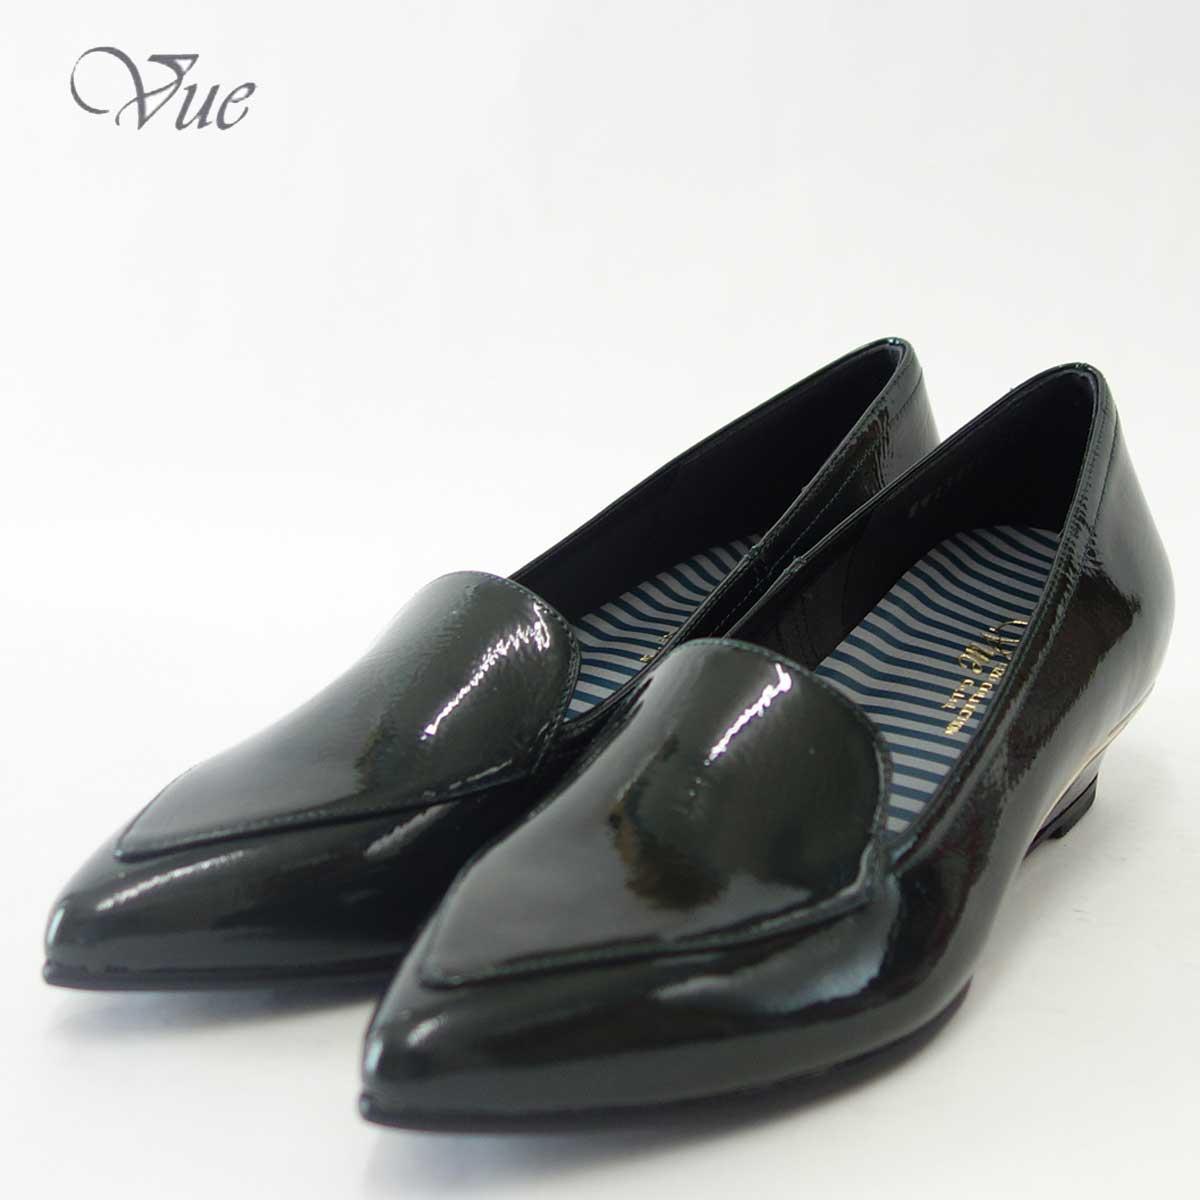 Vue ビュー EIZO Collection 23495 ダークグリーンエナメル上質レザーの甲深ウェッジソールパンプス快適なフィット感と日本製ならではの逸品「靴」